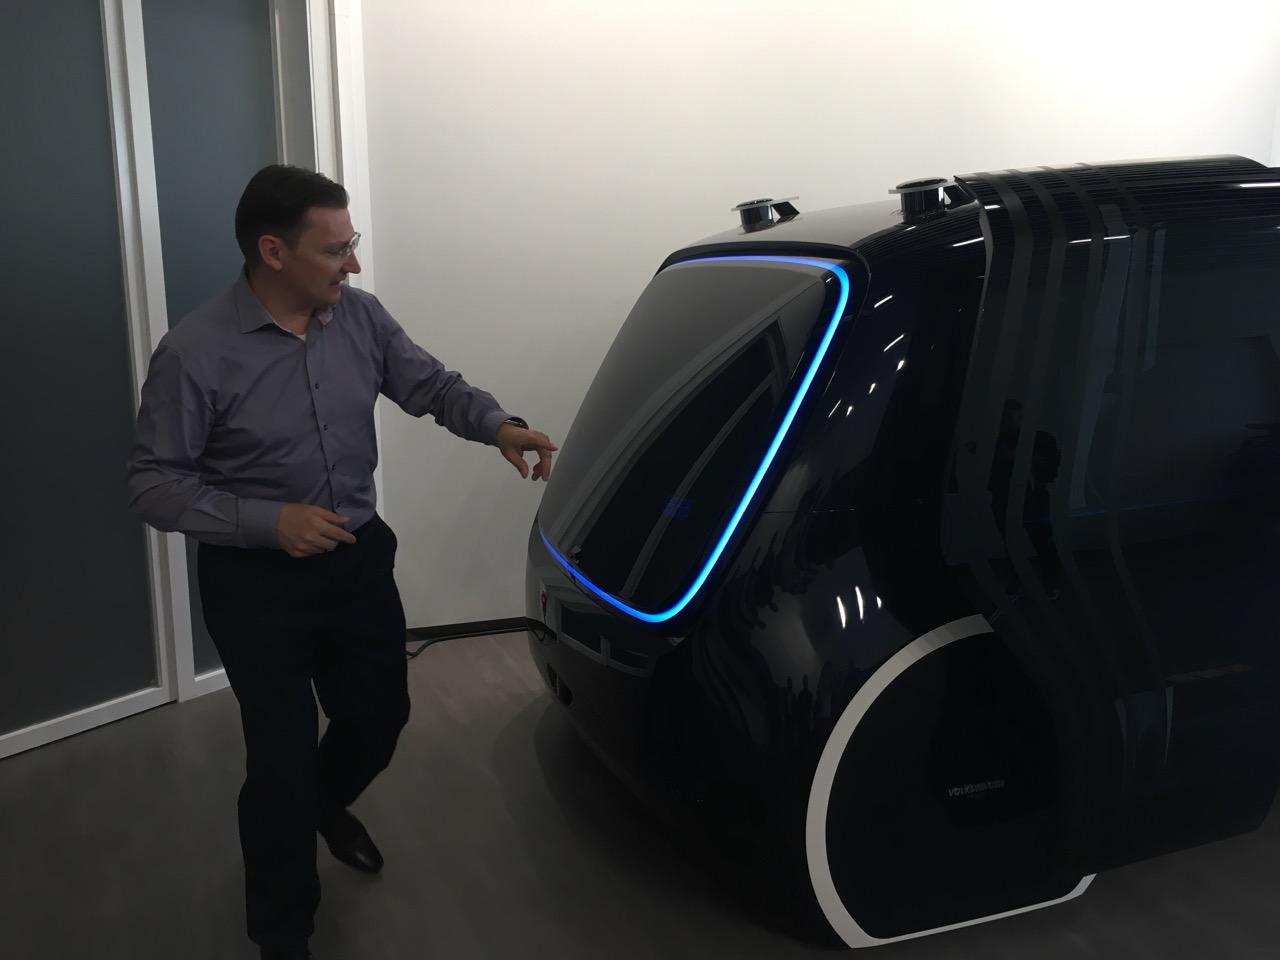 """Der CDO von Volkswagen, Johann Jungwirth, bei der Präsentation einer neuen """"Sedric""""-Version für den chinesischen Markt, des """"Sedric Nighlife"""" (Foto: Ekki Kern)"""